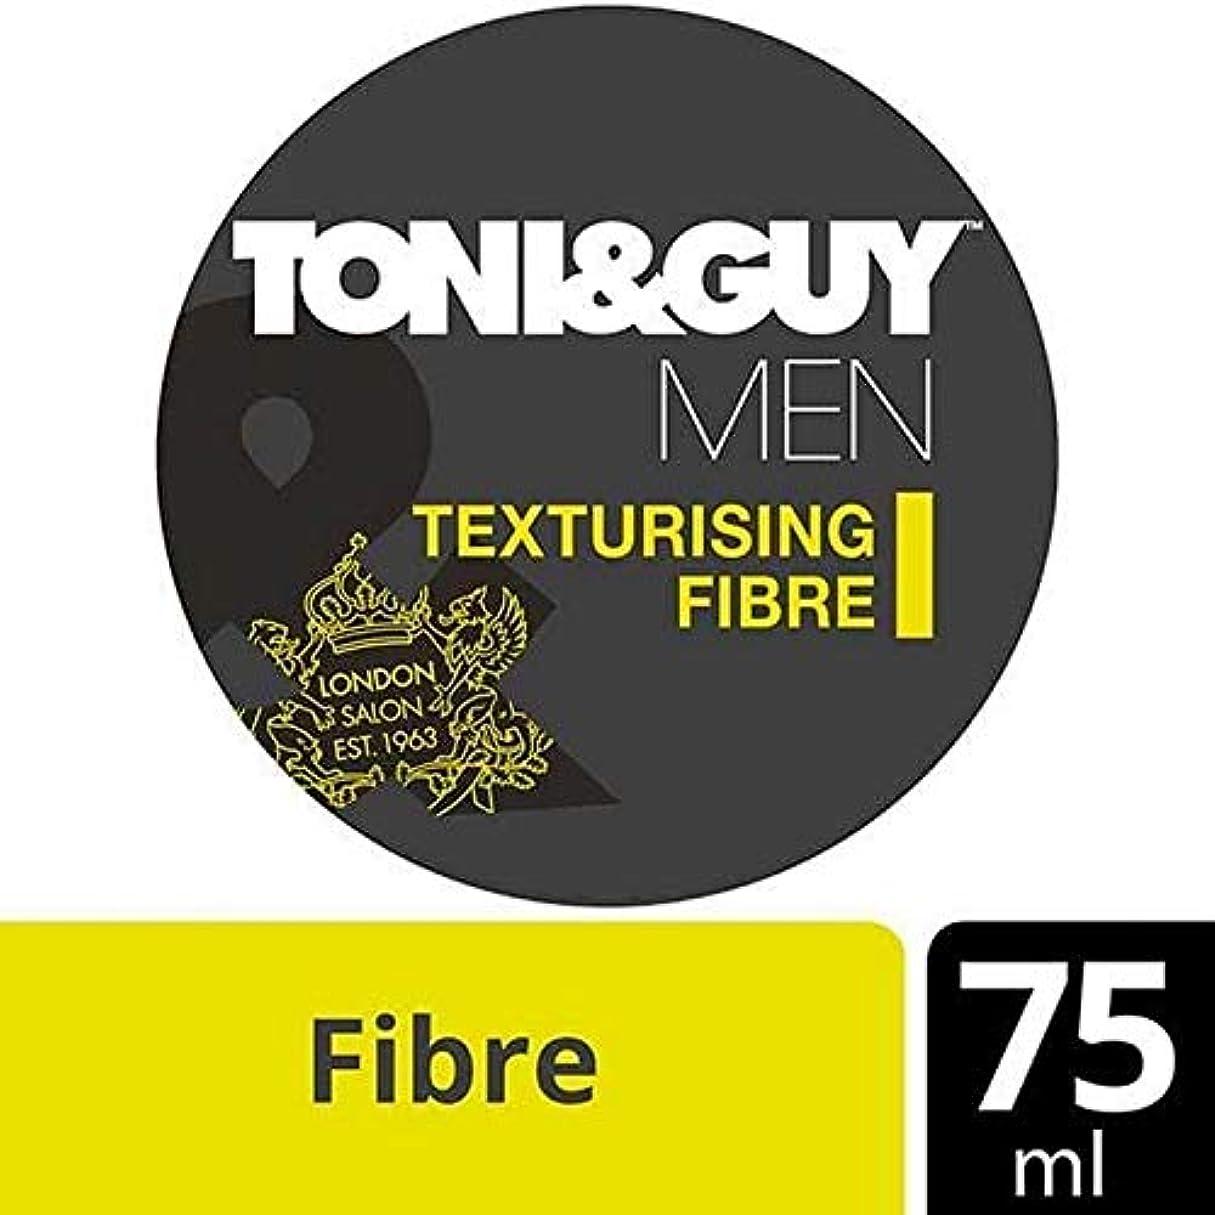 わずらわしいほとんどないバッチ[Toni & Guy] トニ&男テクスチャー繊維 - Toni & Guy Texturising Fibre [並行輸入品]